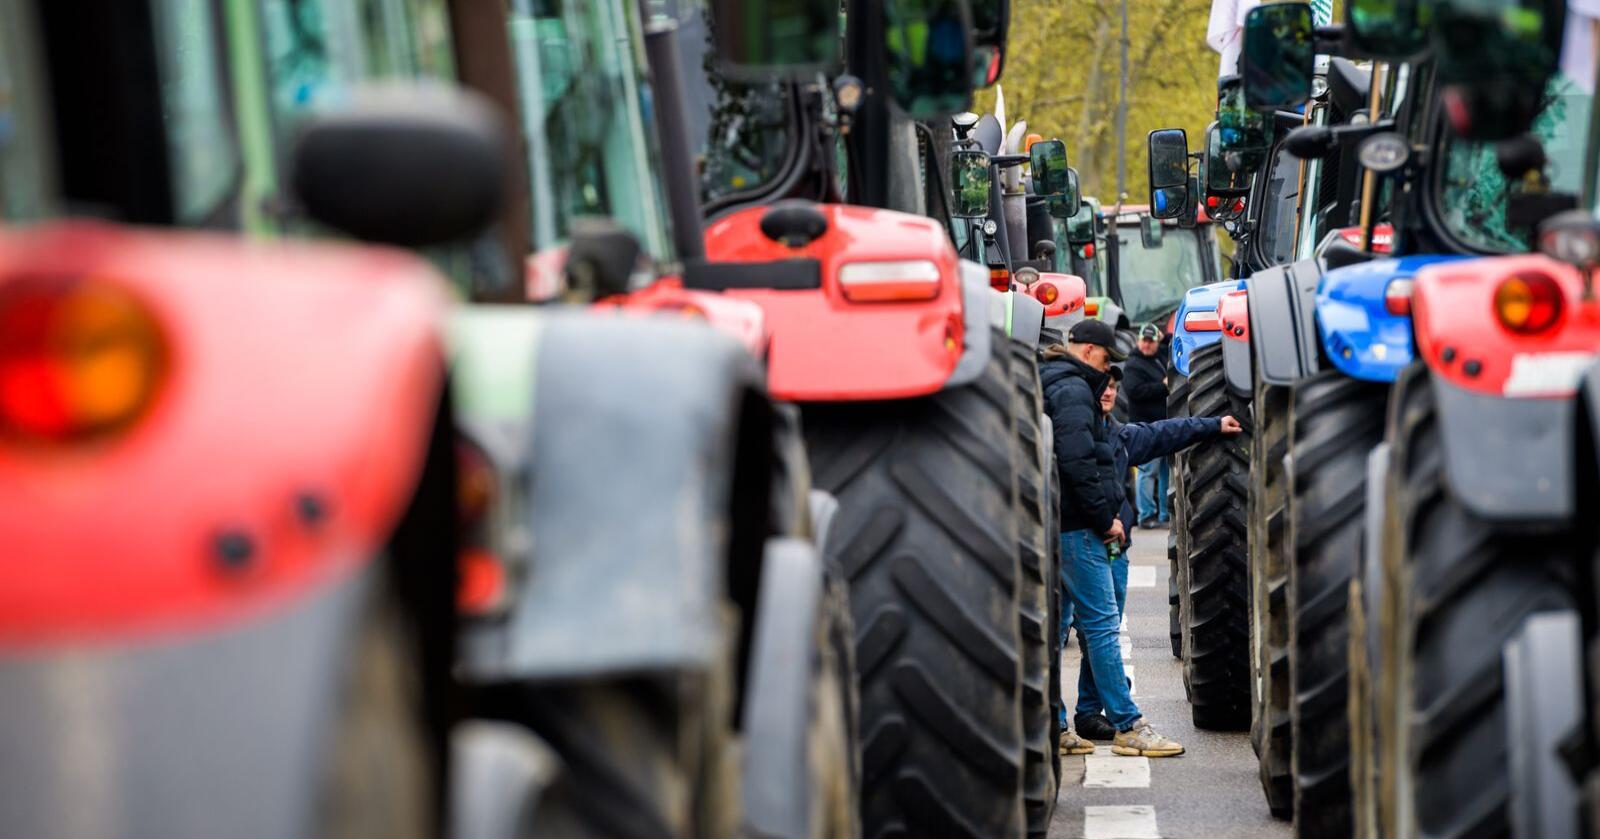 Nok er nok for stadig flere: Bondedemonstrasjoner både i Norge og andre land avslører en landbrukspolitikk på ville veier. Foto: Mostphotos